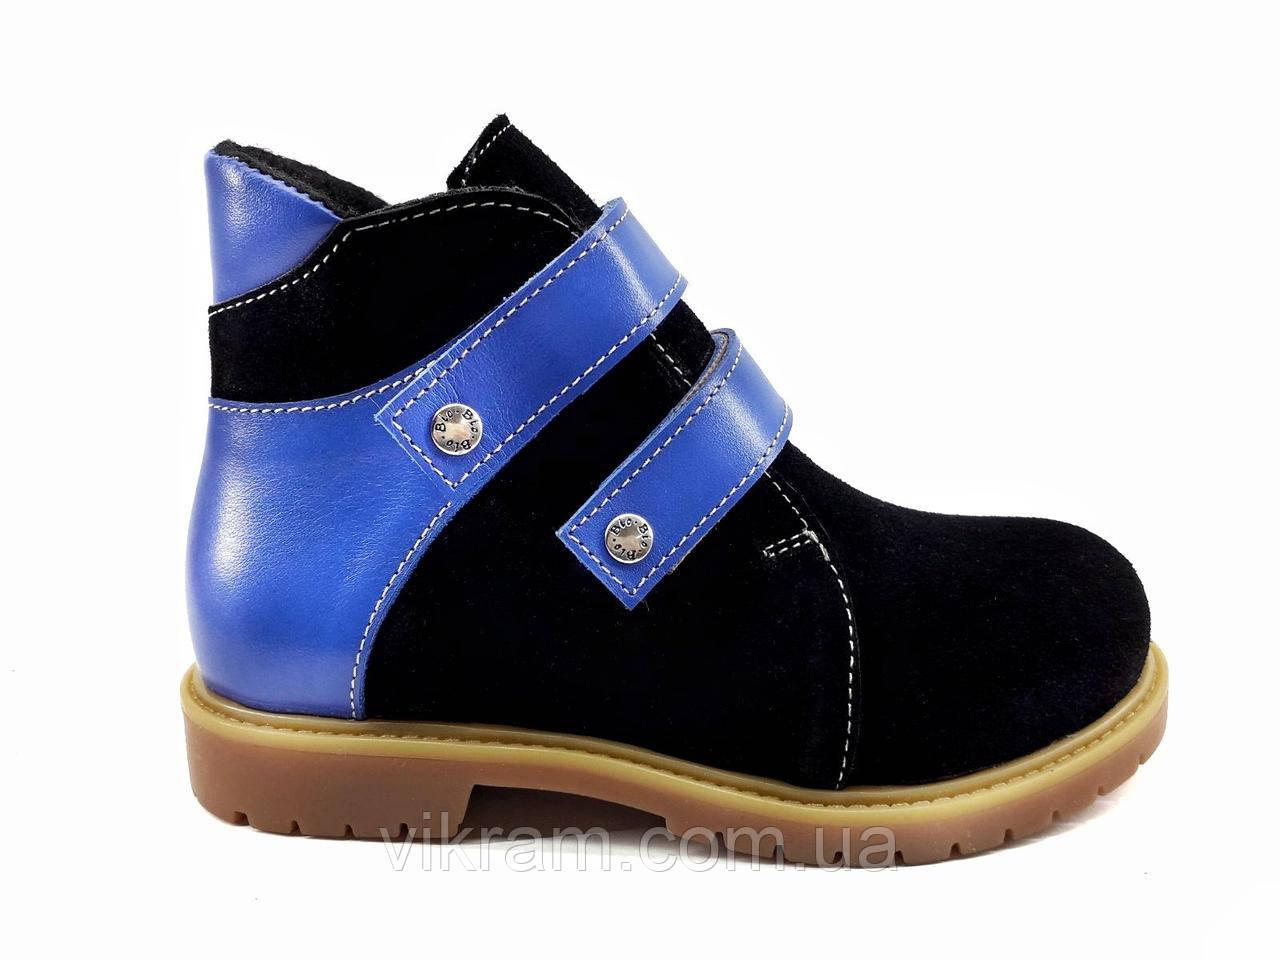 Ортопедические ботинки для детей VIKRAM.ORTO 21р-36р